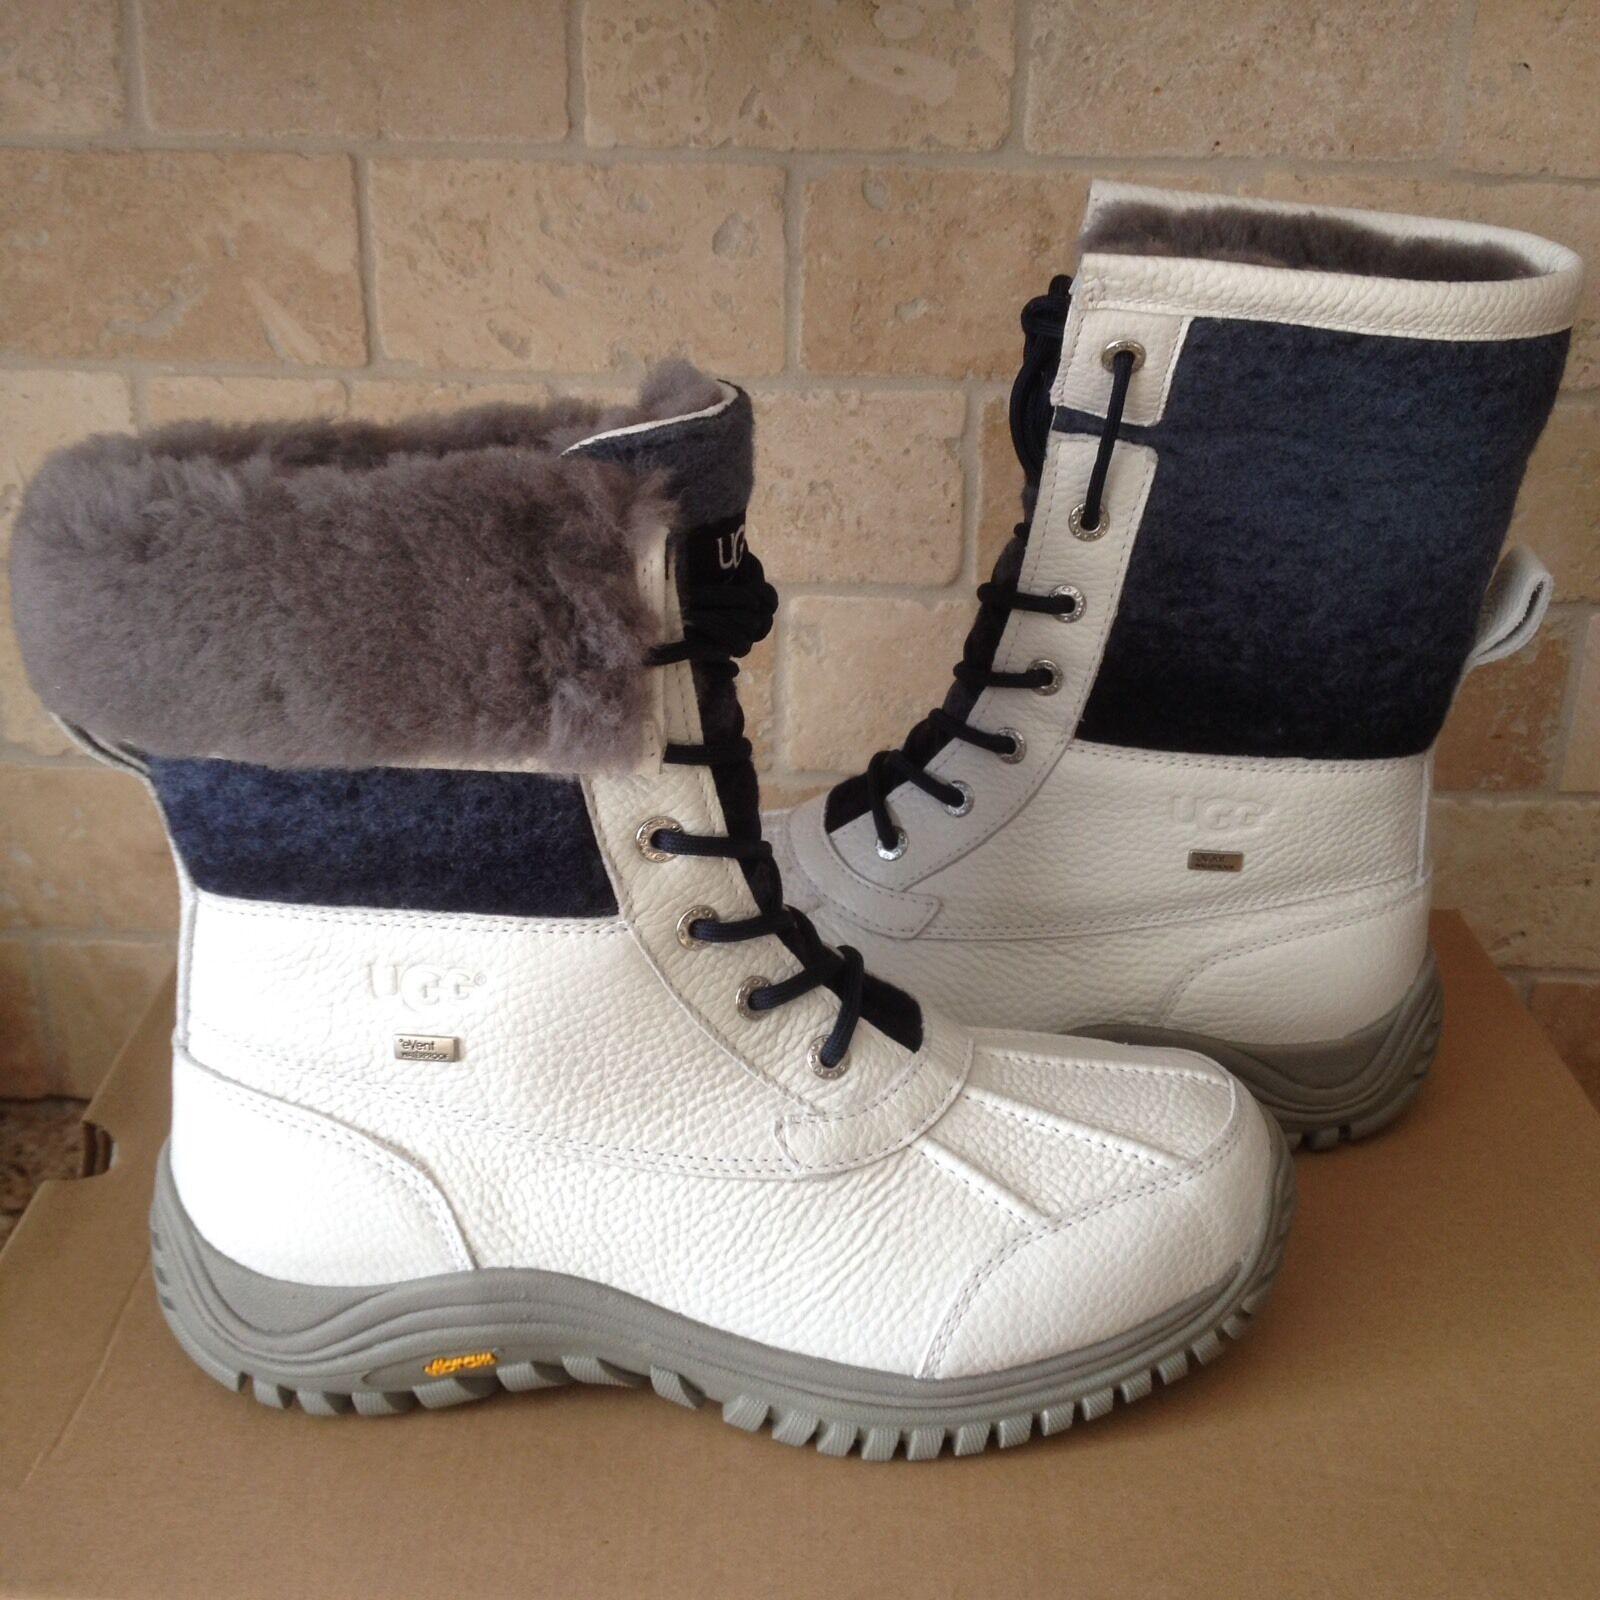 Bottes de neige UGG Adirondack II en laine imperméables blanches et bleues en cuir à la taille 9,5 pour femmes